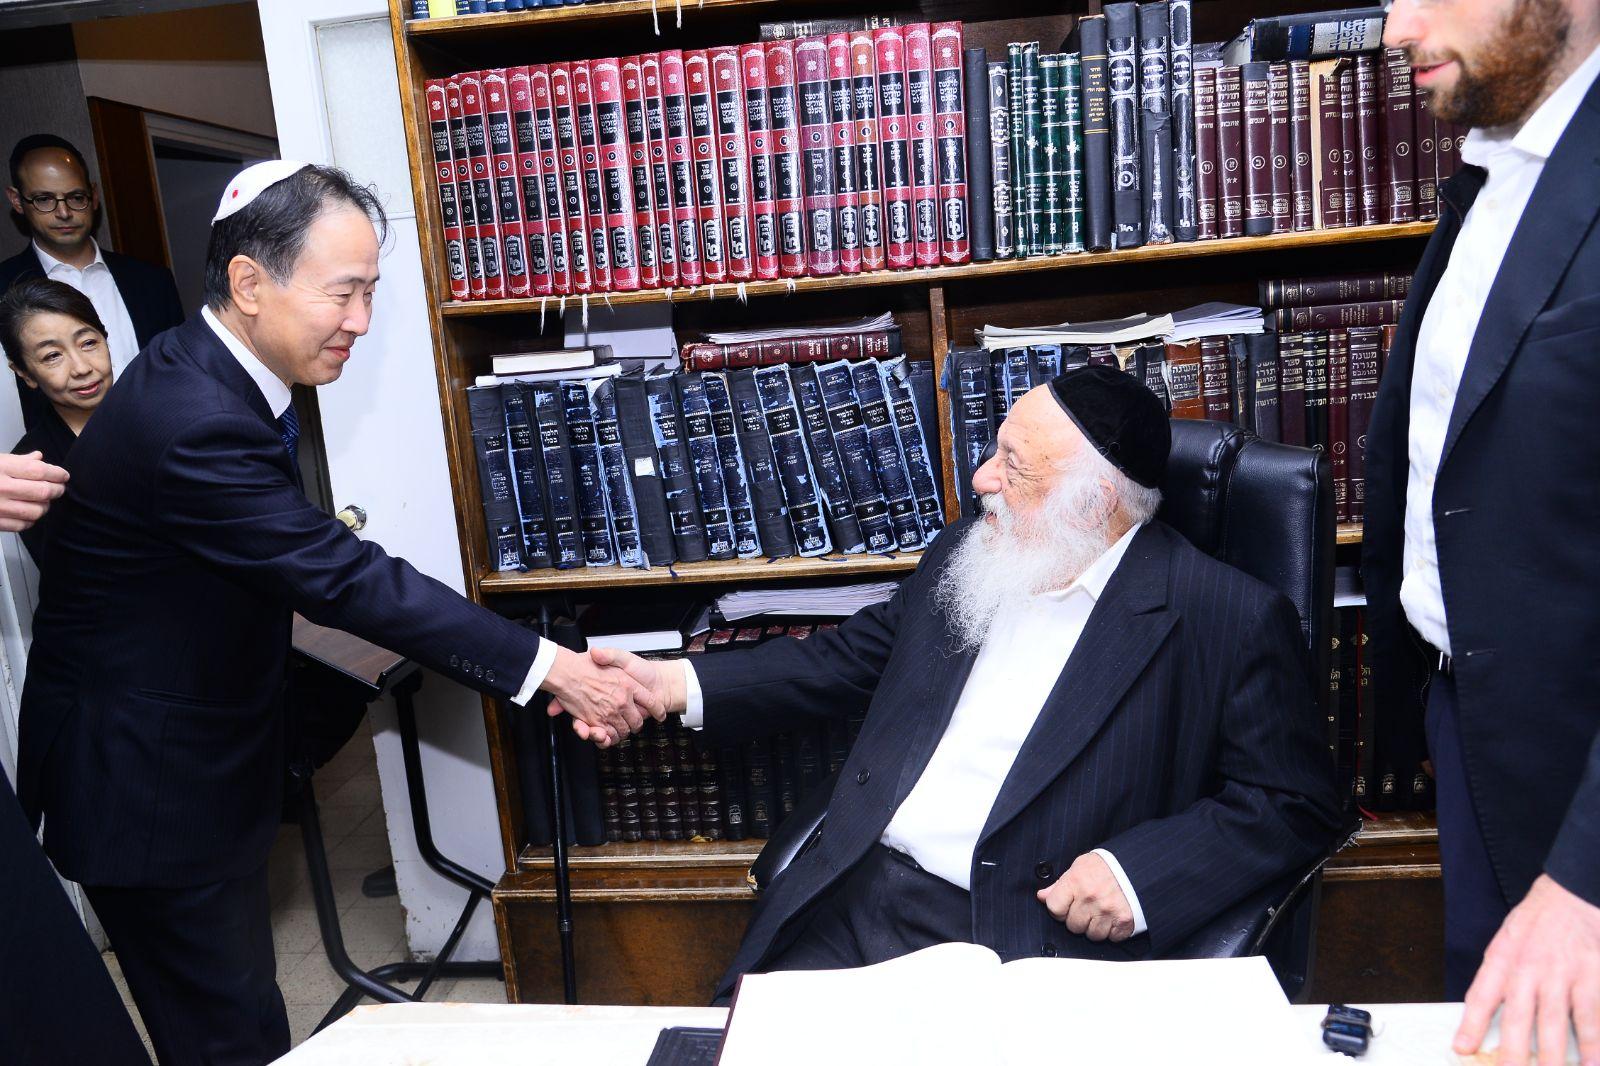 שגריר יפן בישראל בביקור חג בבני ברק • תיעוד